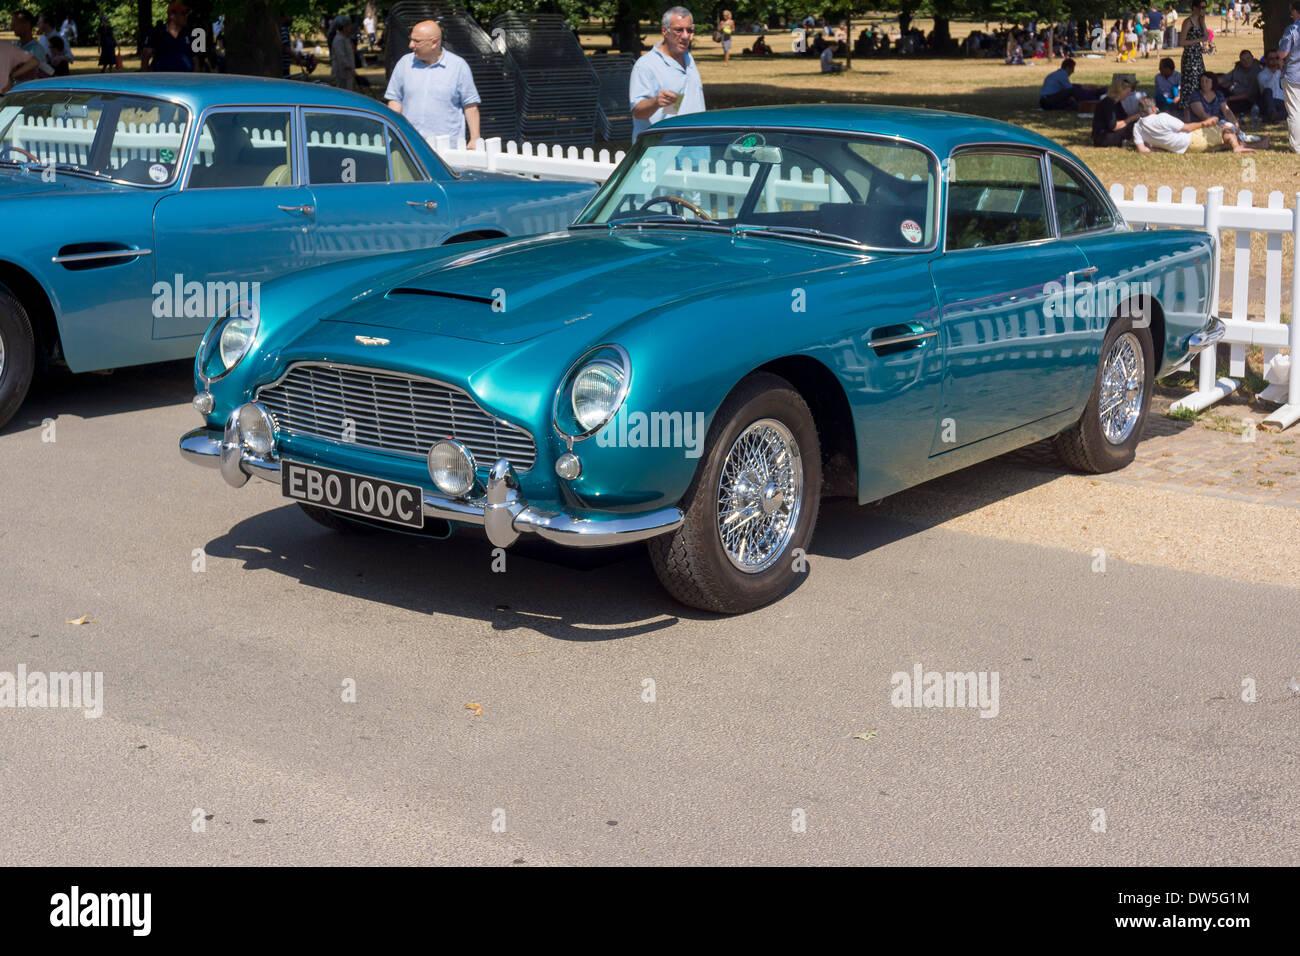 Aston Martin DB5 (1963 to 1965), Aston Martin Timeline, Centenary Celebration 2013, 100 years Aston Martin, Kensington Stock Photo